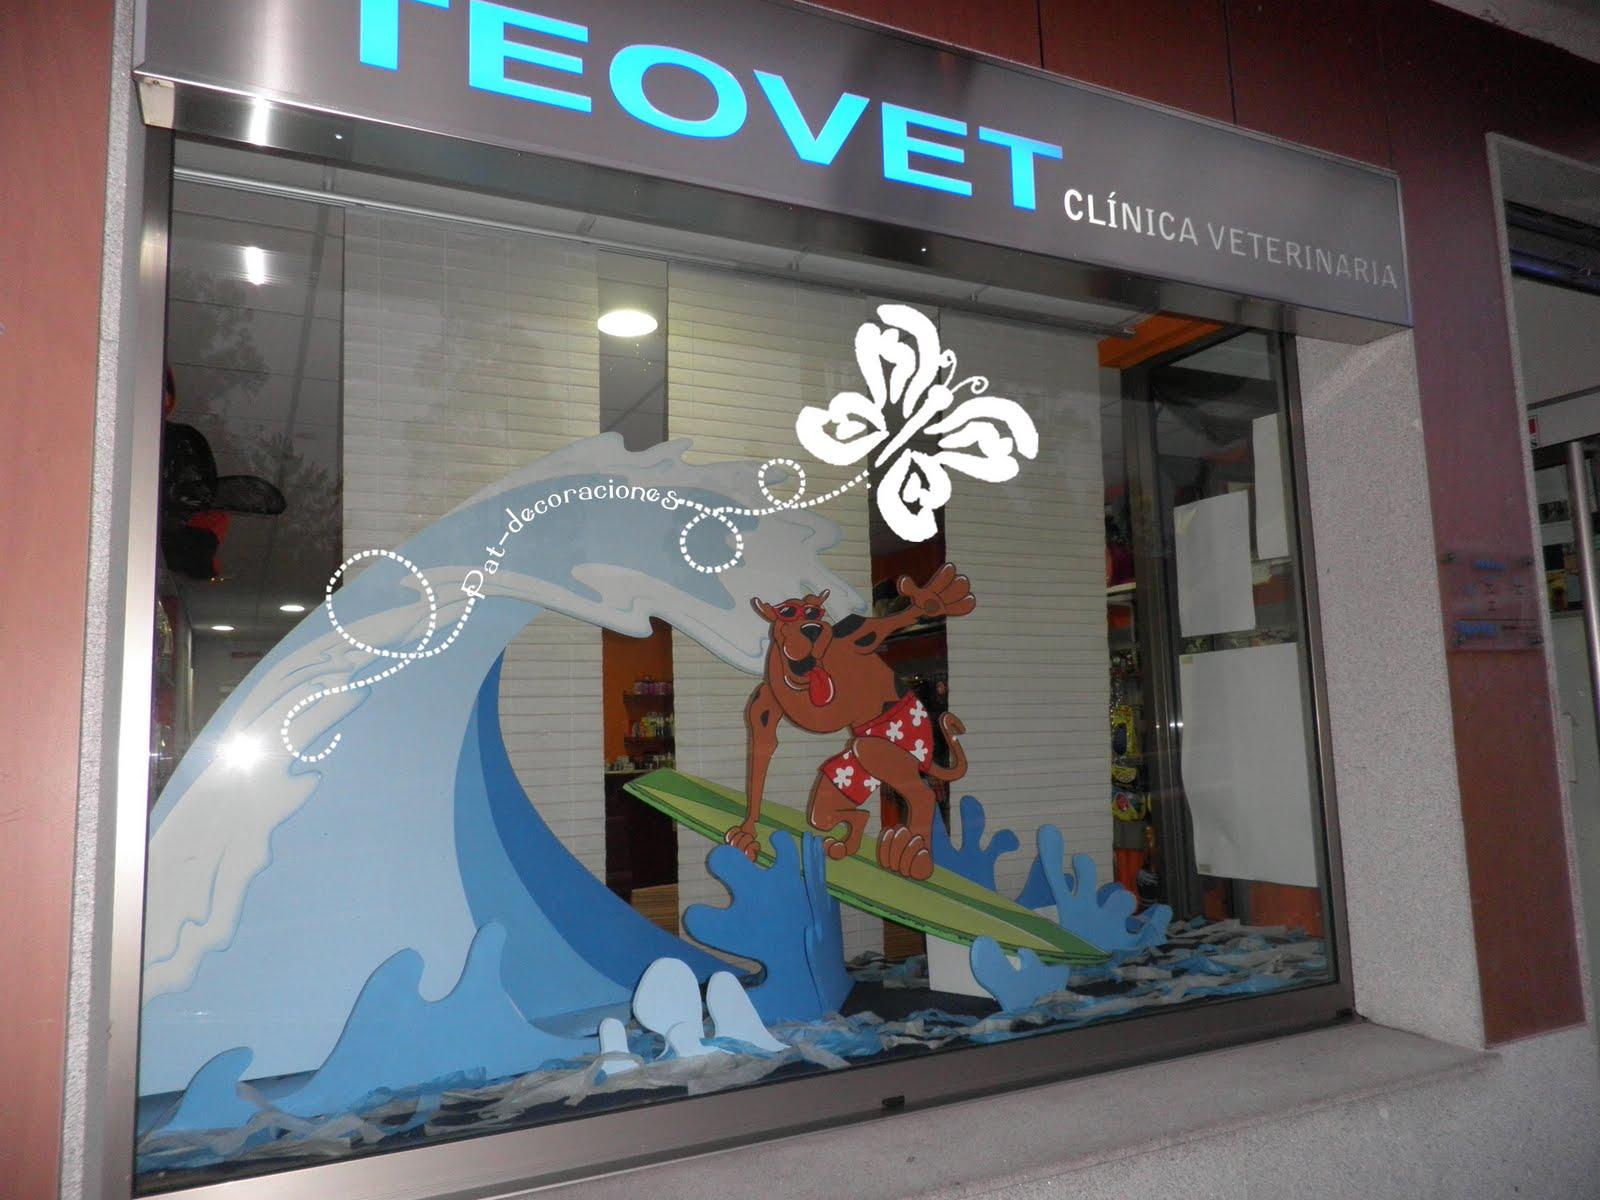 Pat decoraciones escaparate de cl nica veterinaria - Diseno de clinicas veterinarias ...